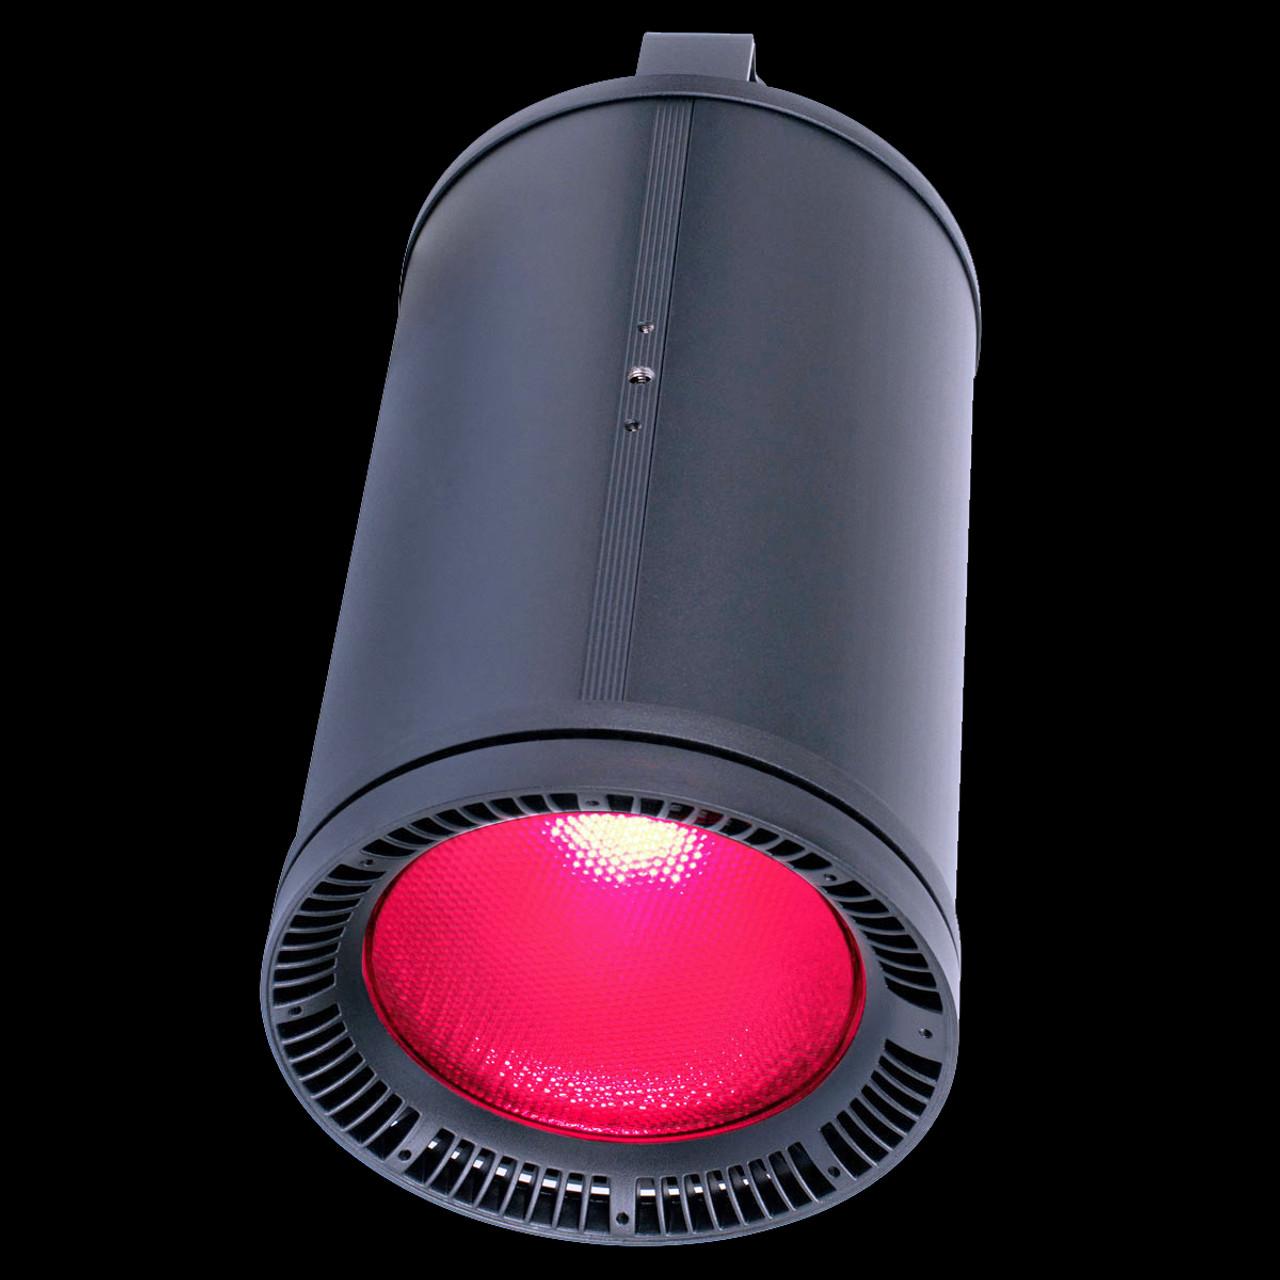 Elation FUZE PENDANT 230W RGBWL LED Pendant